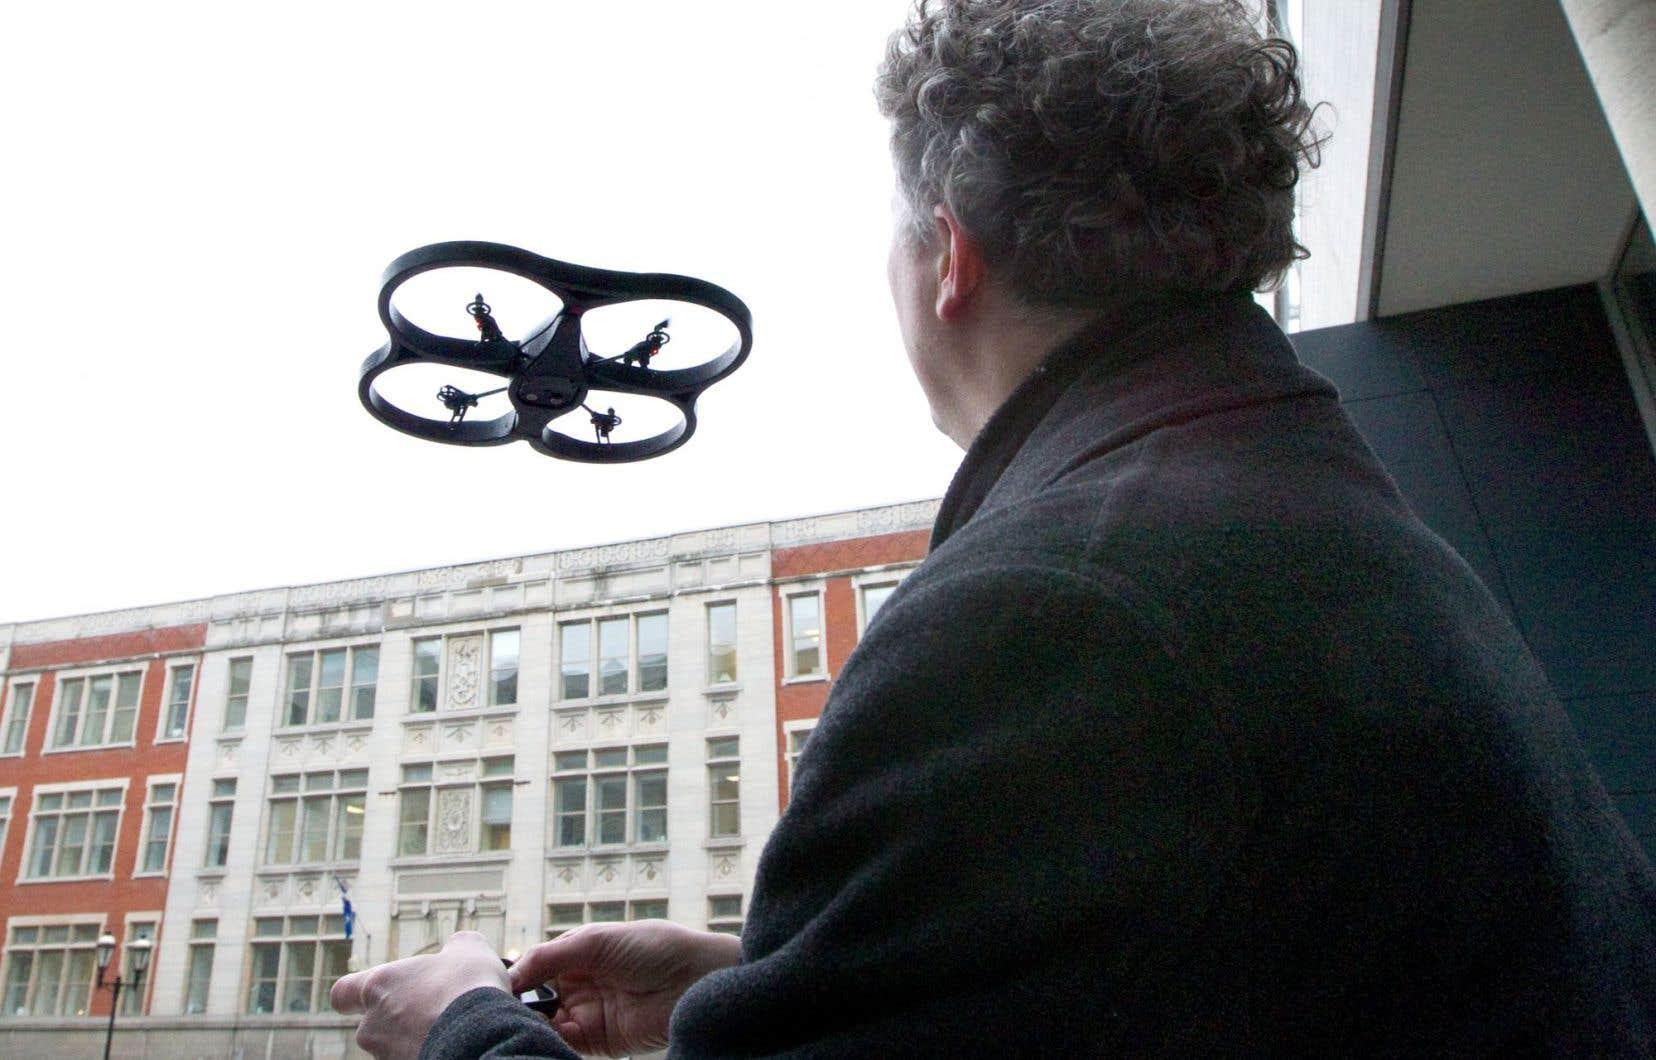 Des représentants du Centre d'excellence sur les drones seront notamment de la mission de l'UMQ dans l'État de New York.